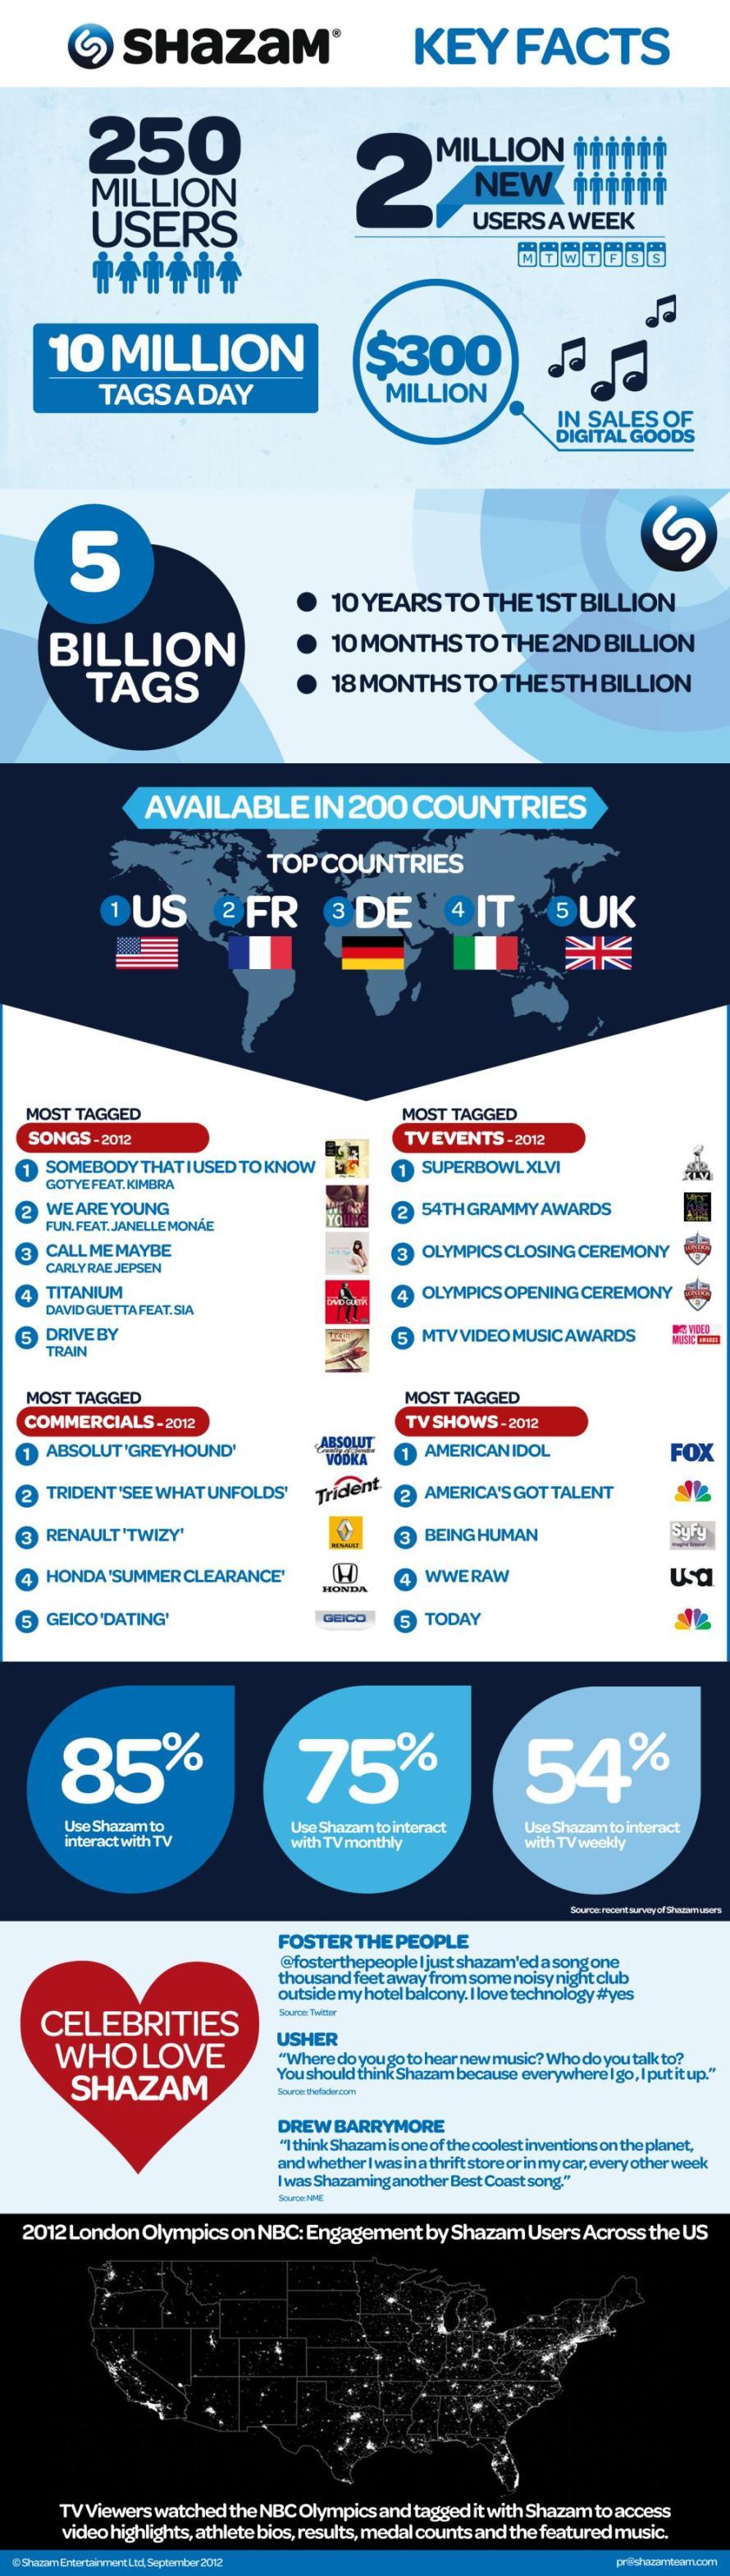 Infografik: Shazam erobert den Massenmarkt - mehr auf http://www.ostwestf4le.de/2012/09/21/infografik-shazam-erobert-den-massenmarkt/